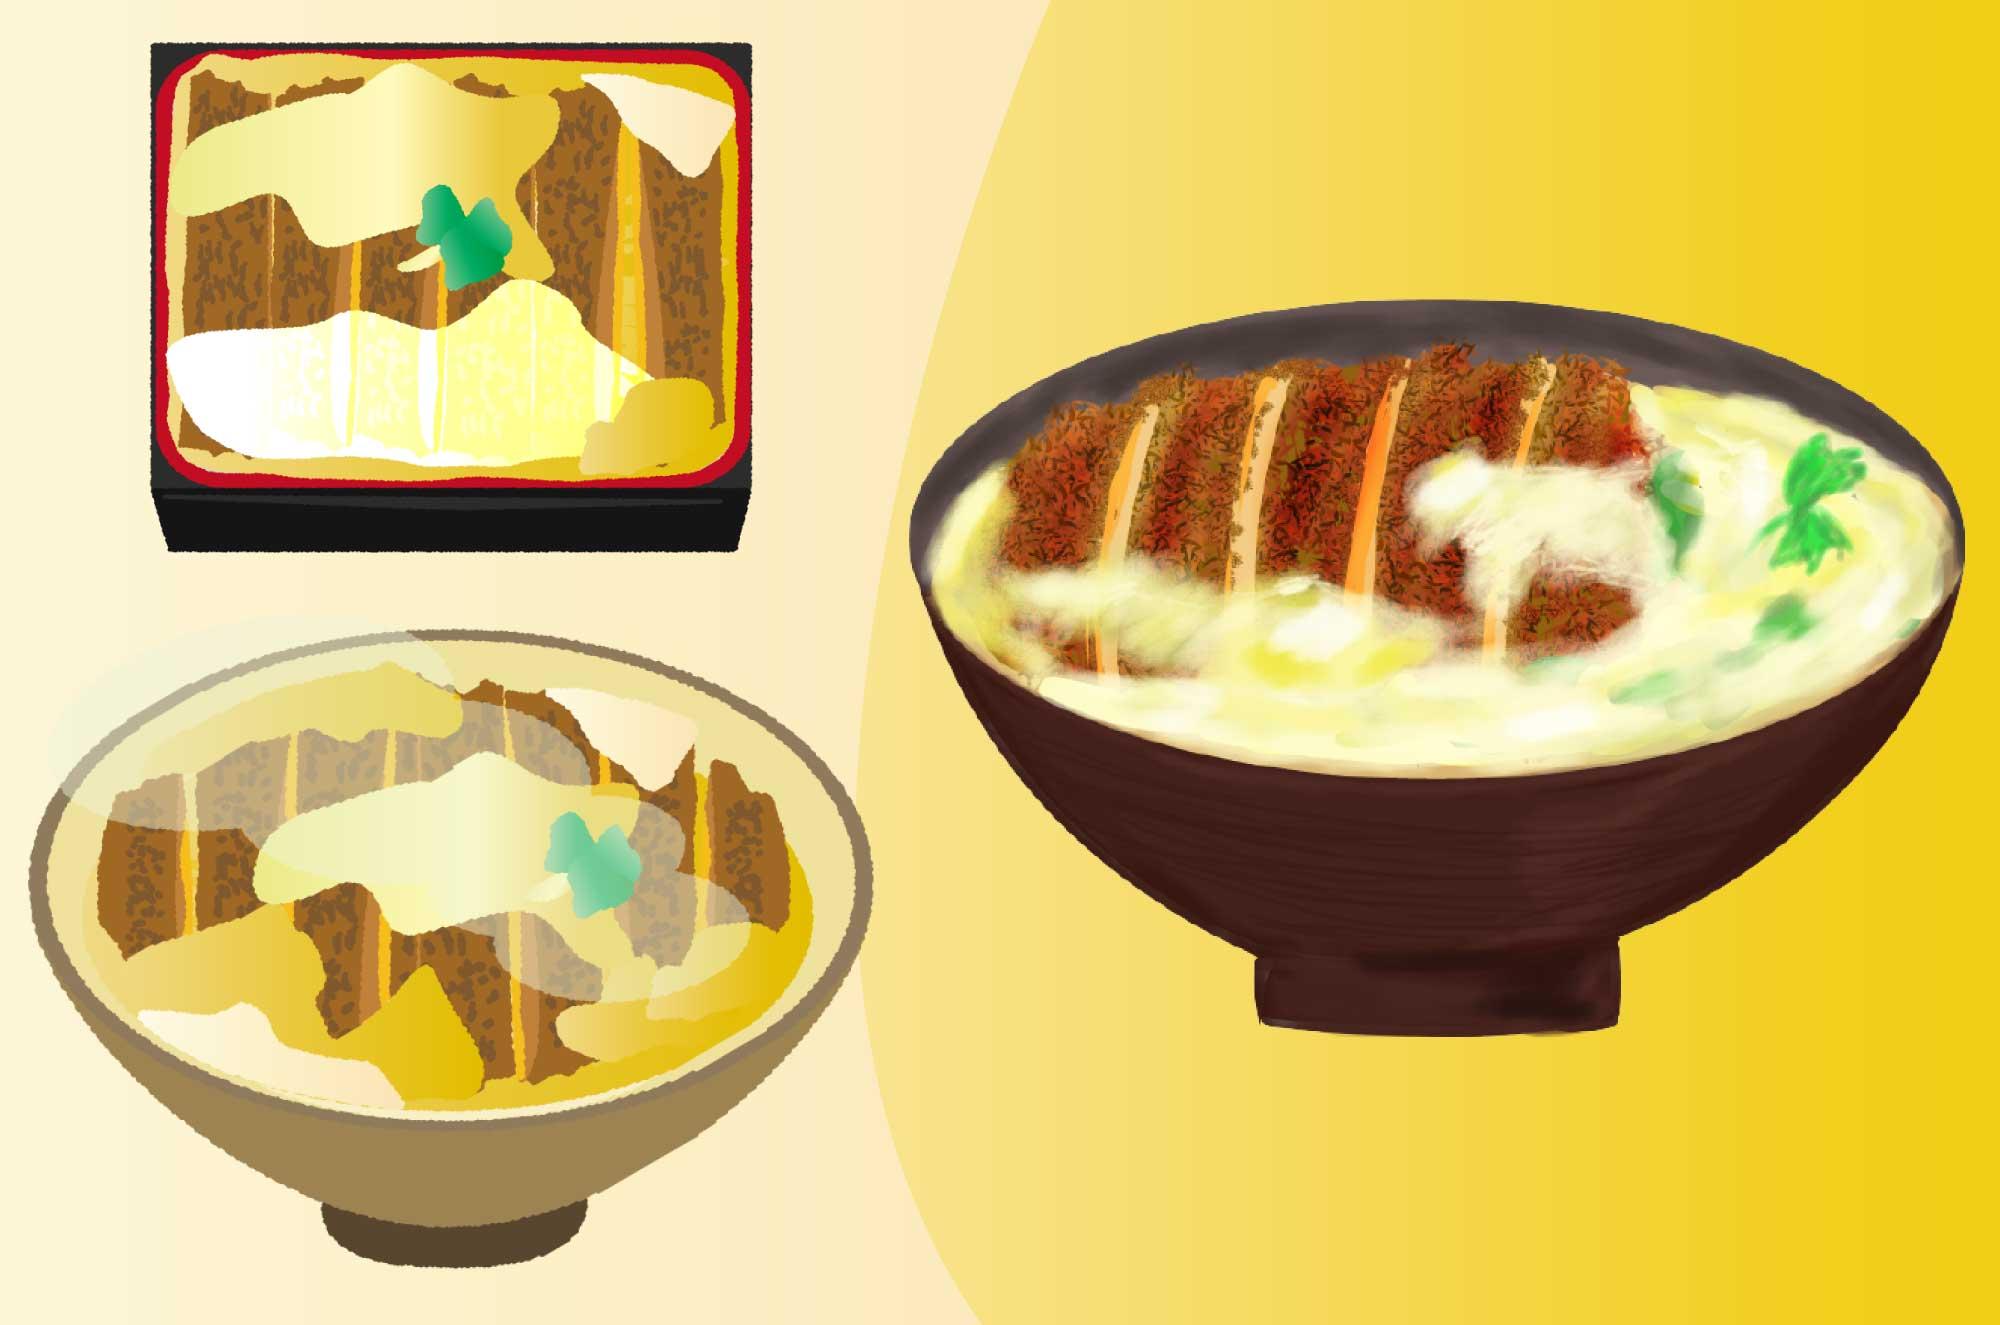 カツ丼のイラスト - 熱々どんぶりの食べ物無料素材